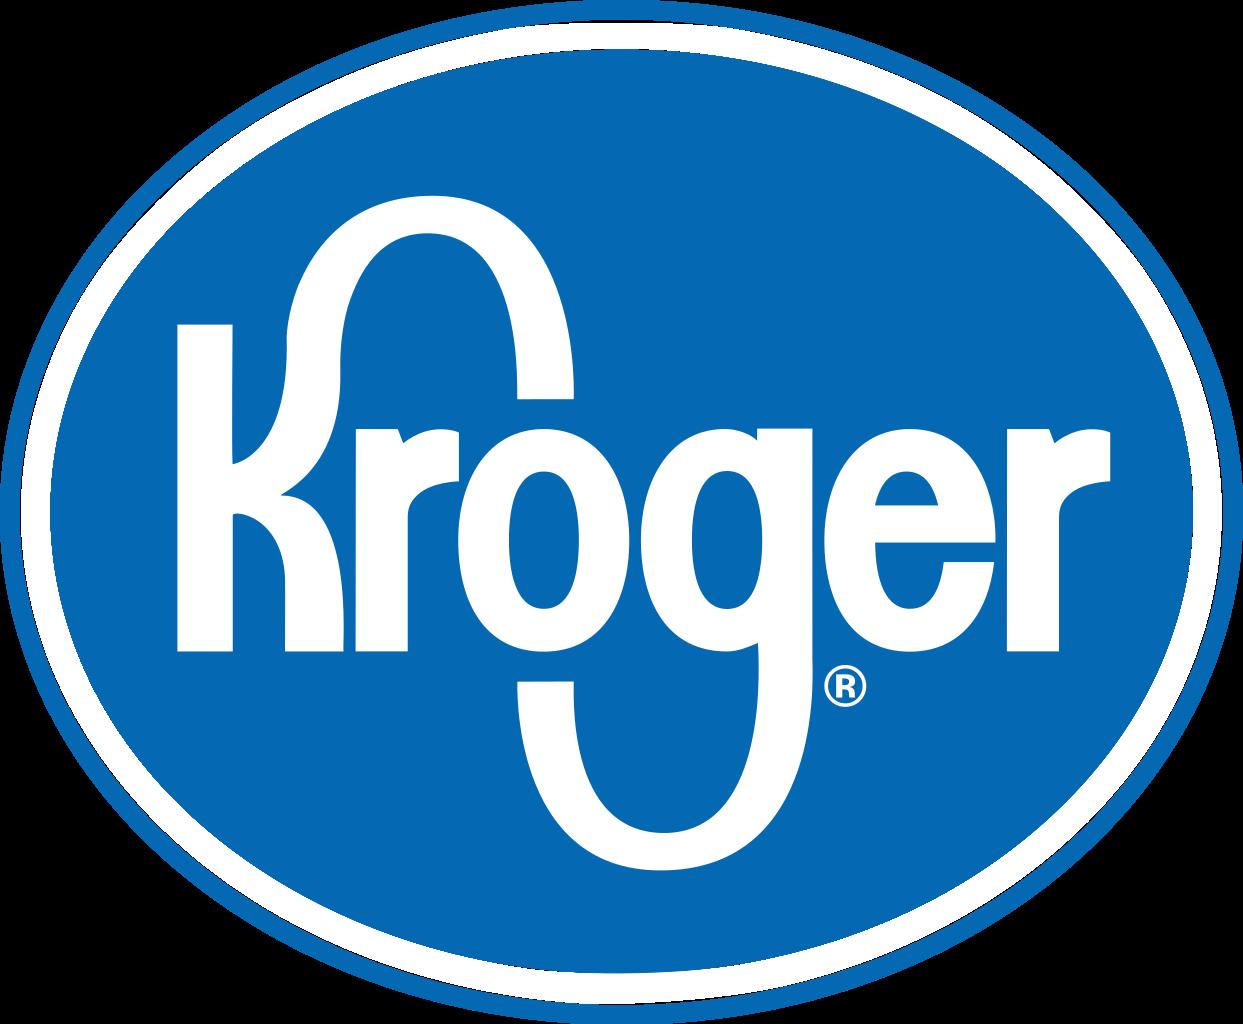 Current_Kroger_logo.png